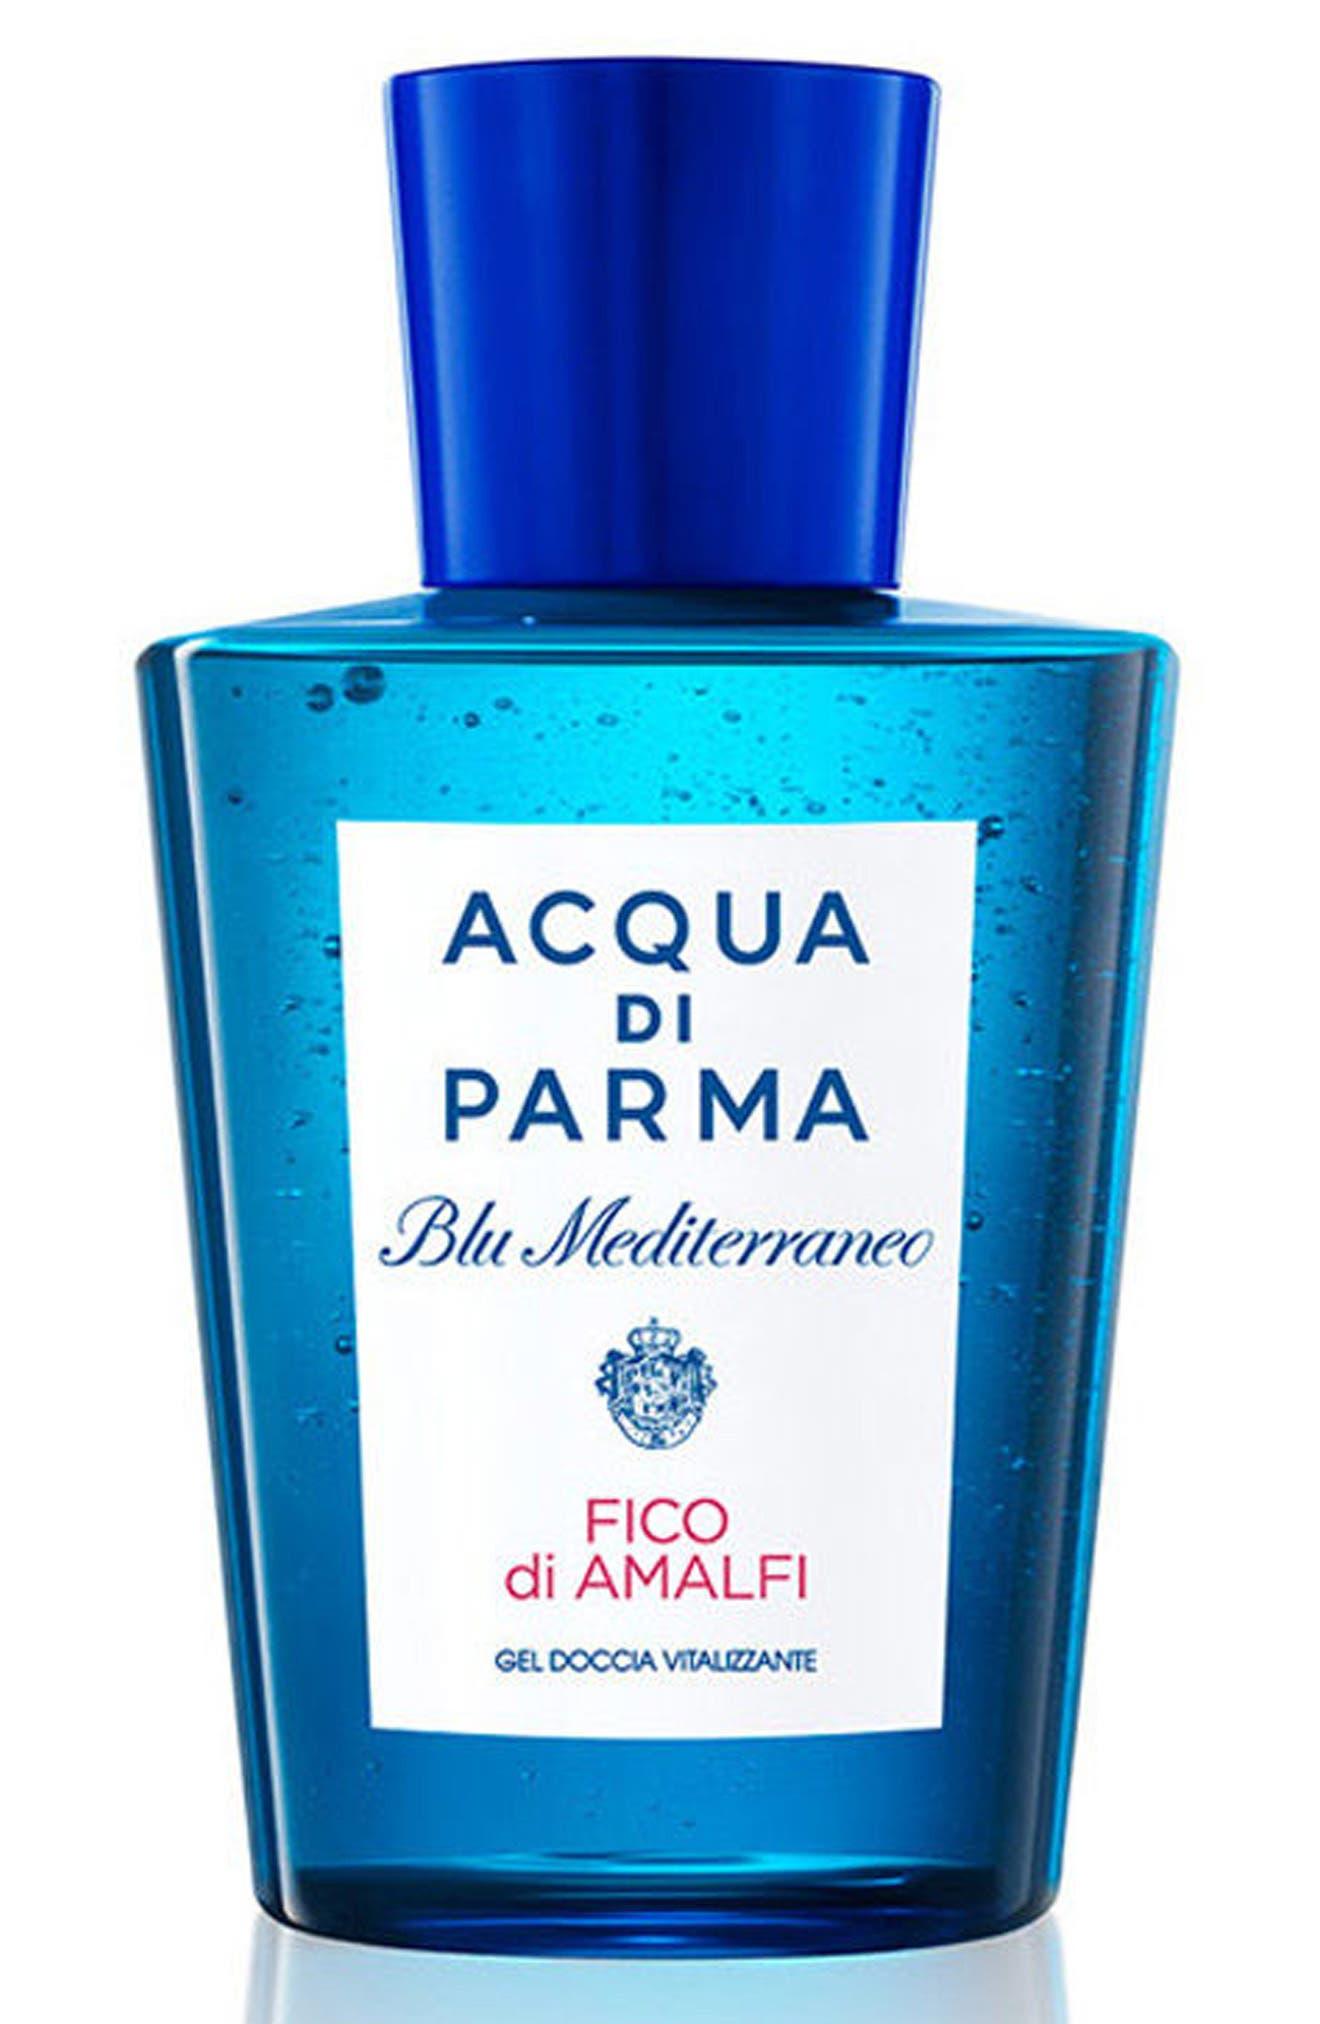 Main Image - Acqua di Parma 'Blu Mediterraneo - Fico di Amalfi' Shower Gel